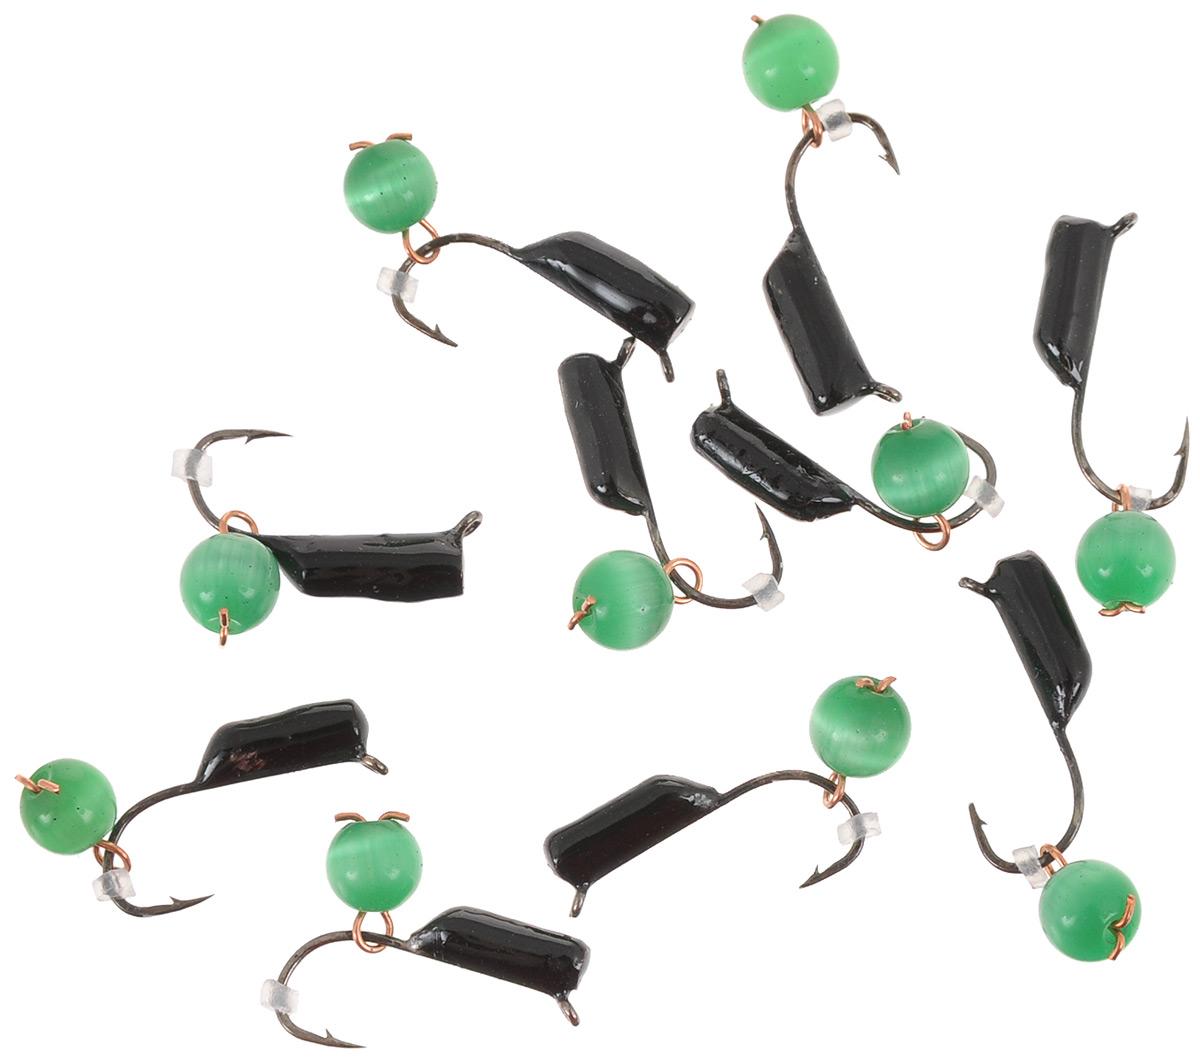 Мормышка вольфрамовая True Weight Кошачий глаз, подвес, цвет: зеленый, диаметр 2 мм, 10 шт49638Безнасадочная мормышка True Weight Кошачий глаз изготовлена из вольфрама и оснащена крючком. Главное достоинство вольфрамовой мормышки - большой вес при малом объеме. Эта особенность дает большие преимущества при ловле, так как позволяет быстро погрузить приманку на требуемую глубину и лучше чувствовать игру мормышки.Диаметр мормышки: 2 мм.